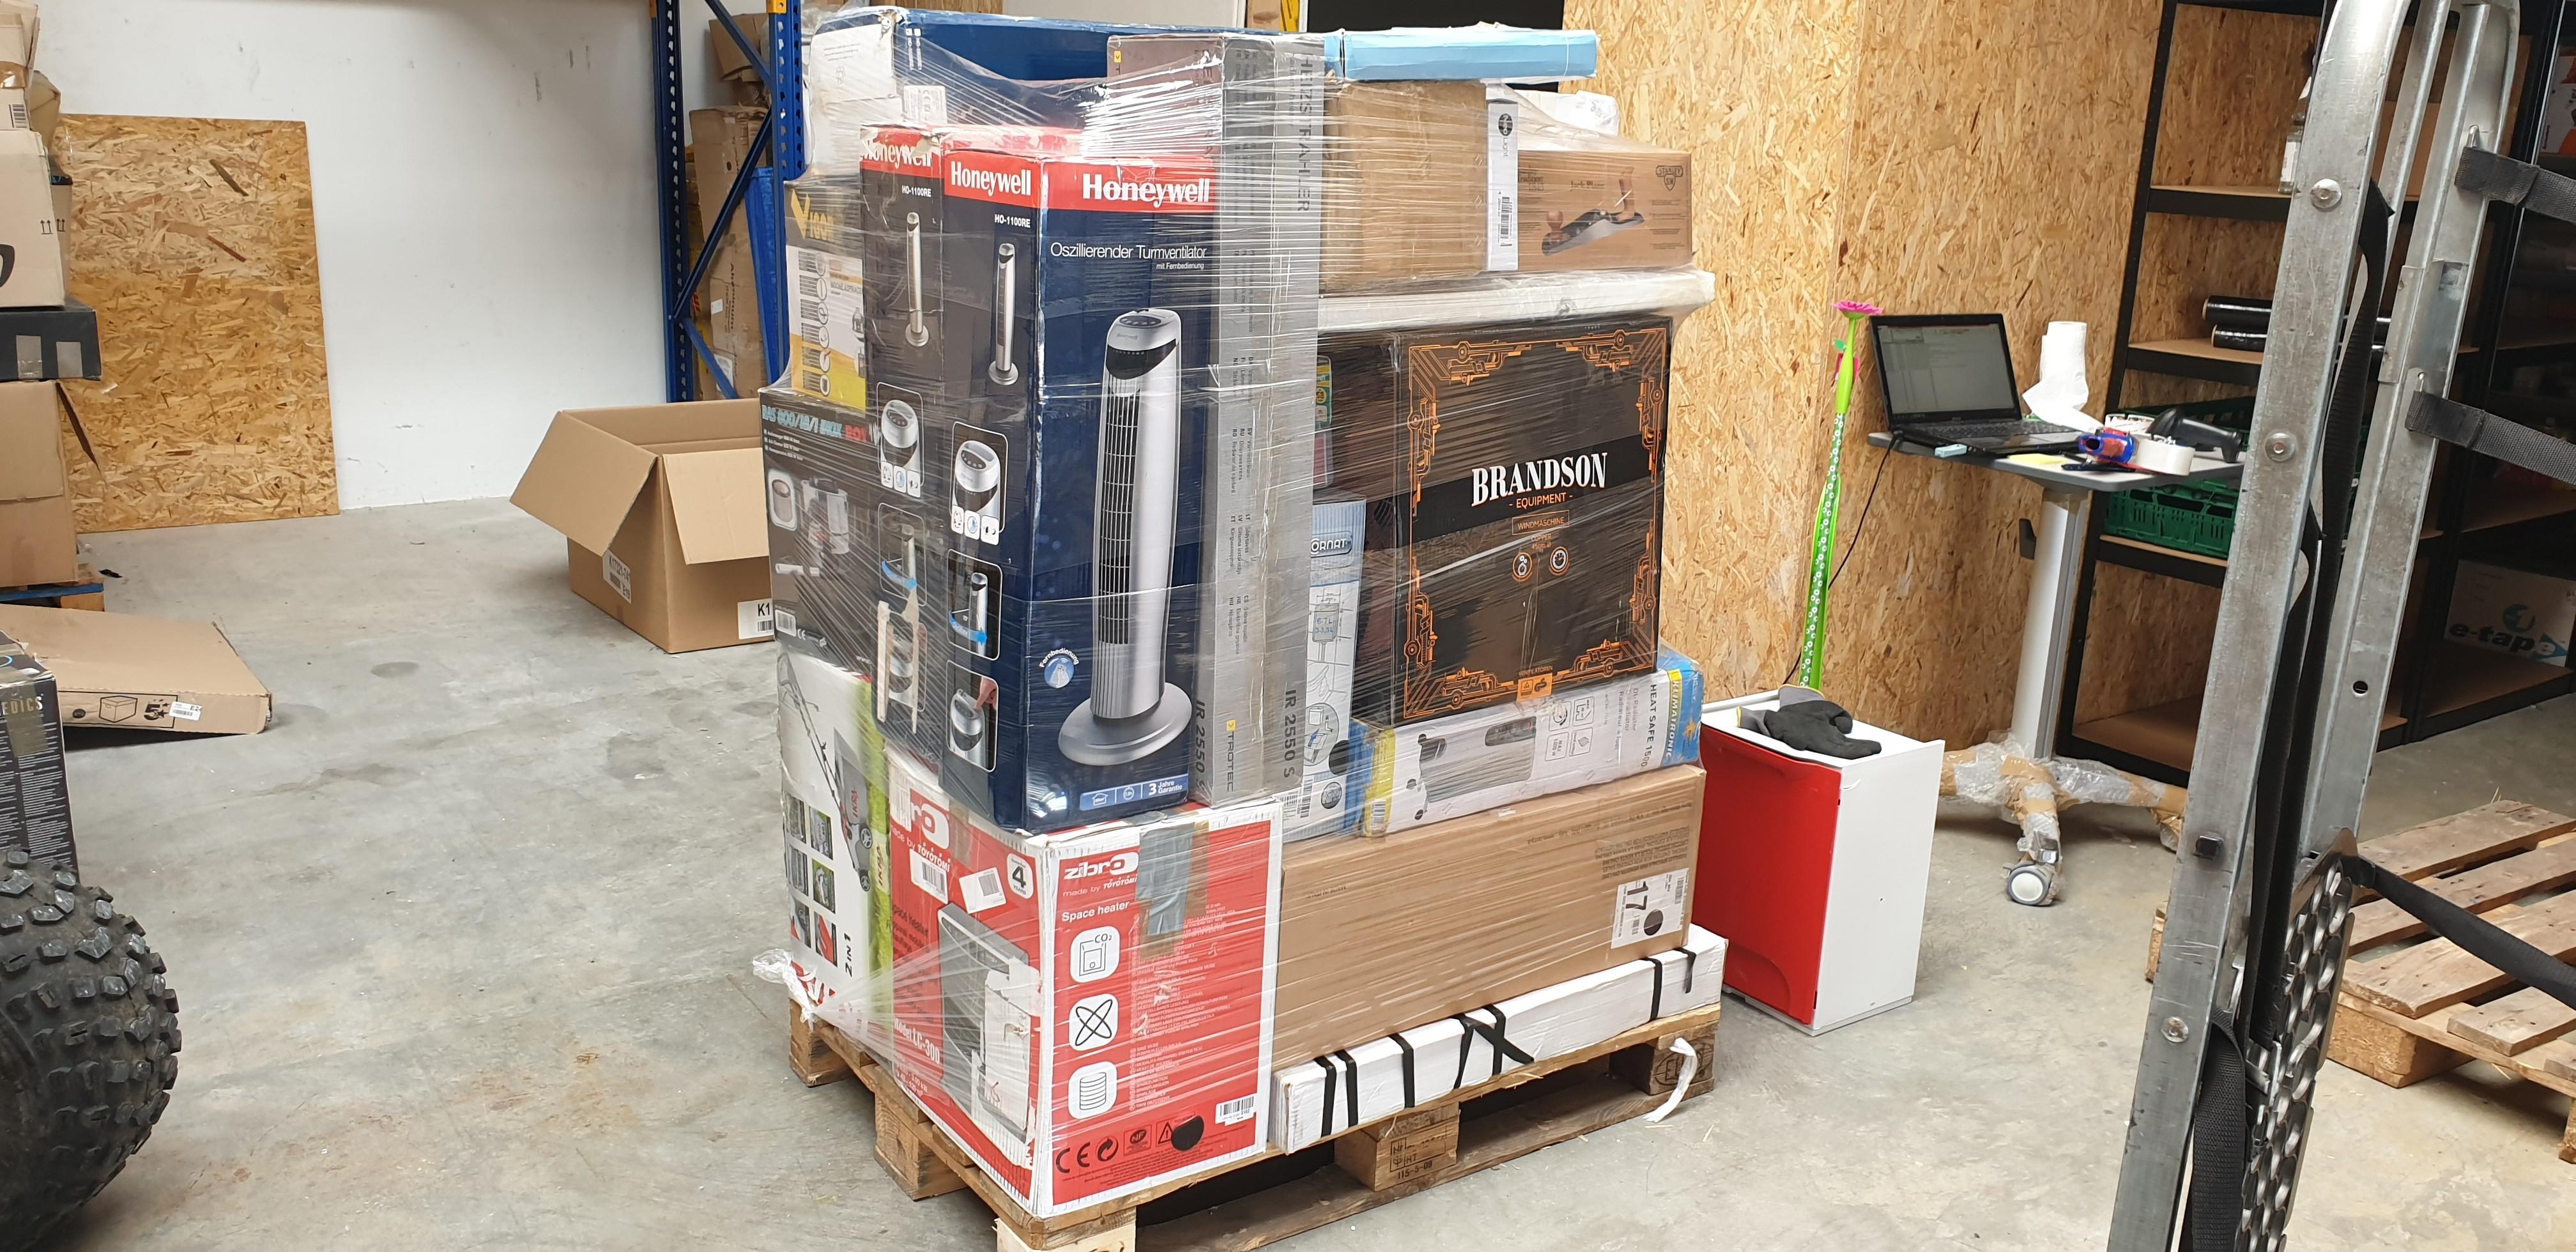 Home Tools, Home Goods Mixed Lots Est. Original Retail €49,742, Rennerod, DE